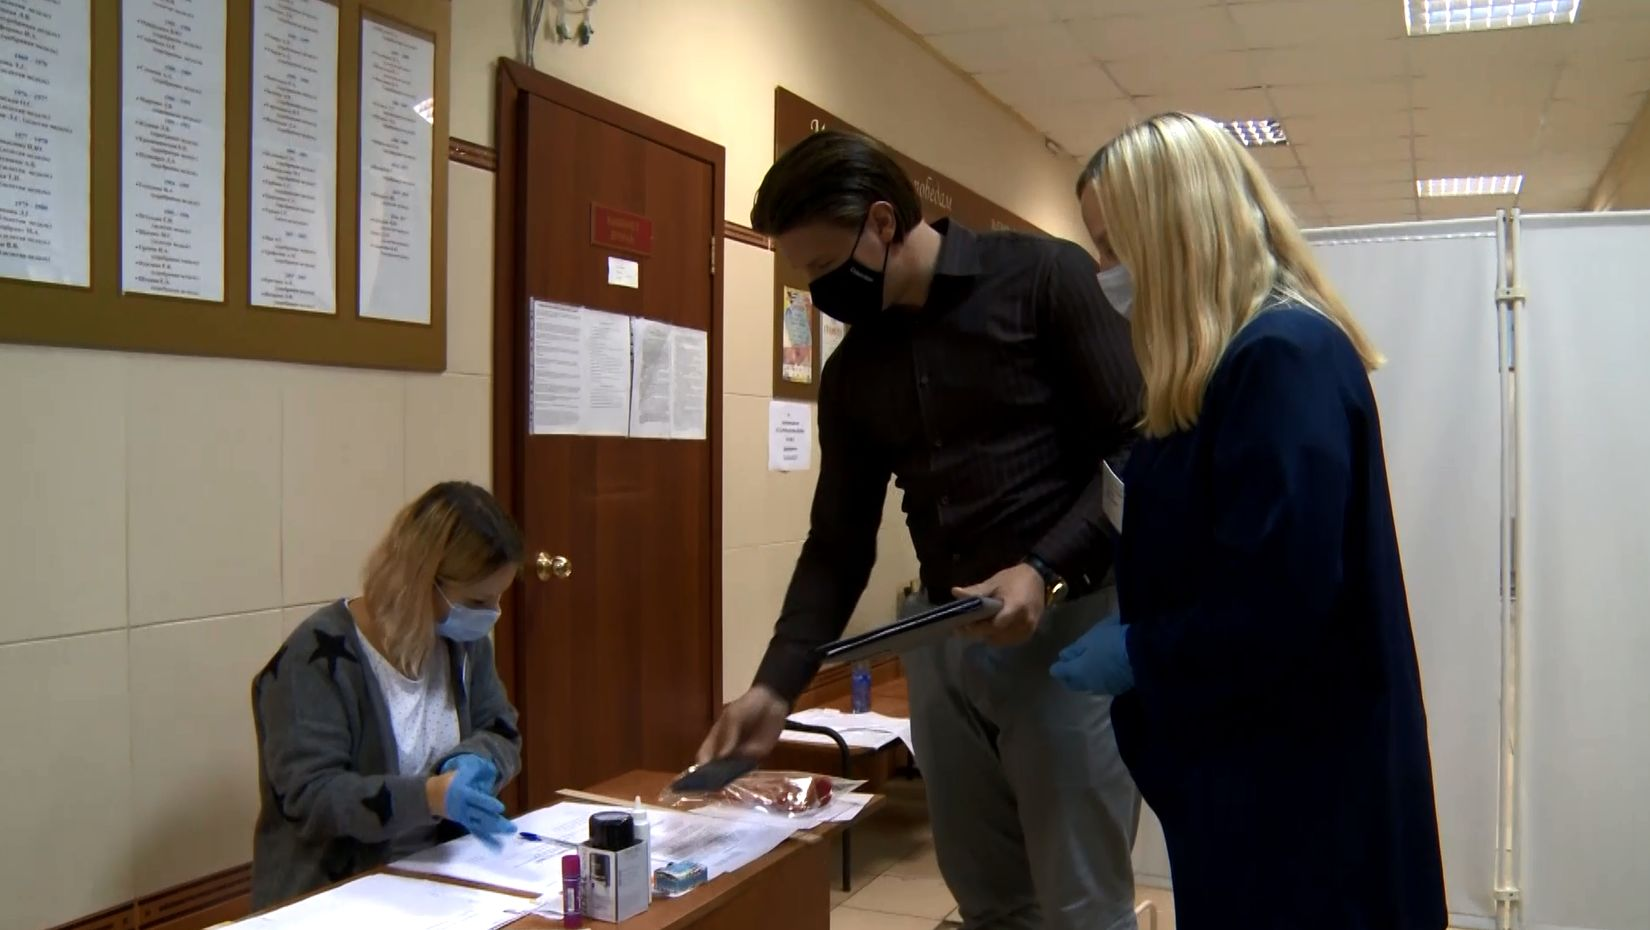 Представители Штаба общественного наблюдения в первый день голосования побывали сразу на нескольких избирательных участках в Ярославле